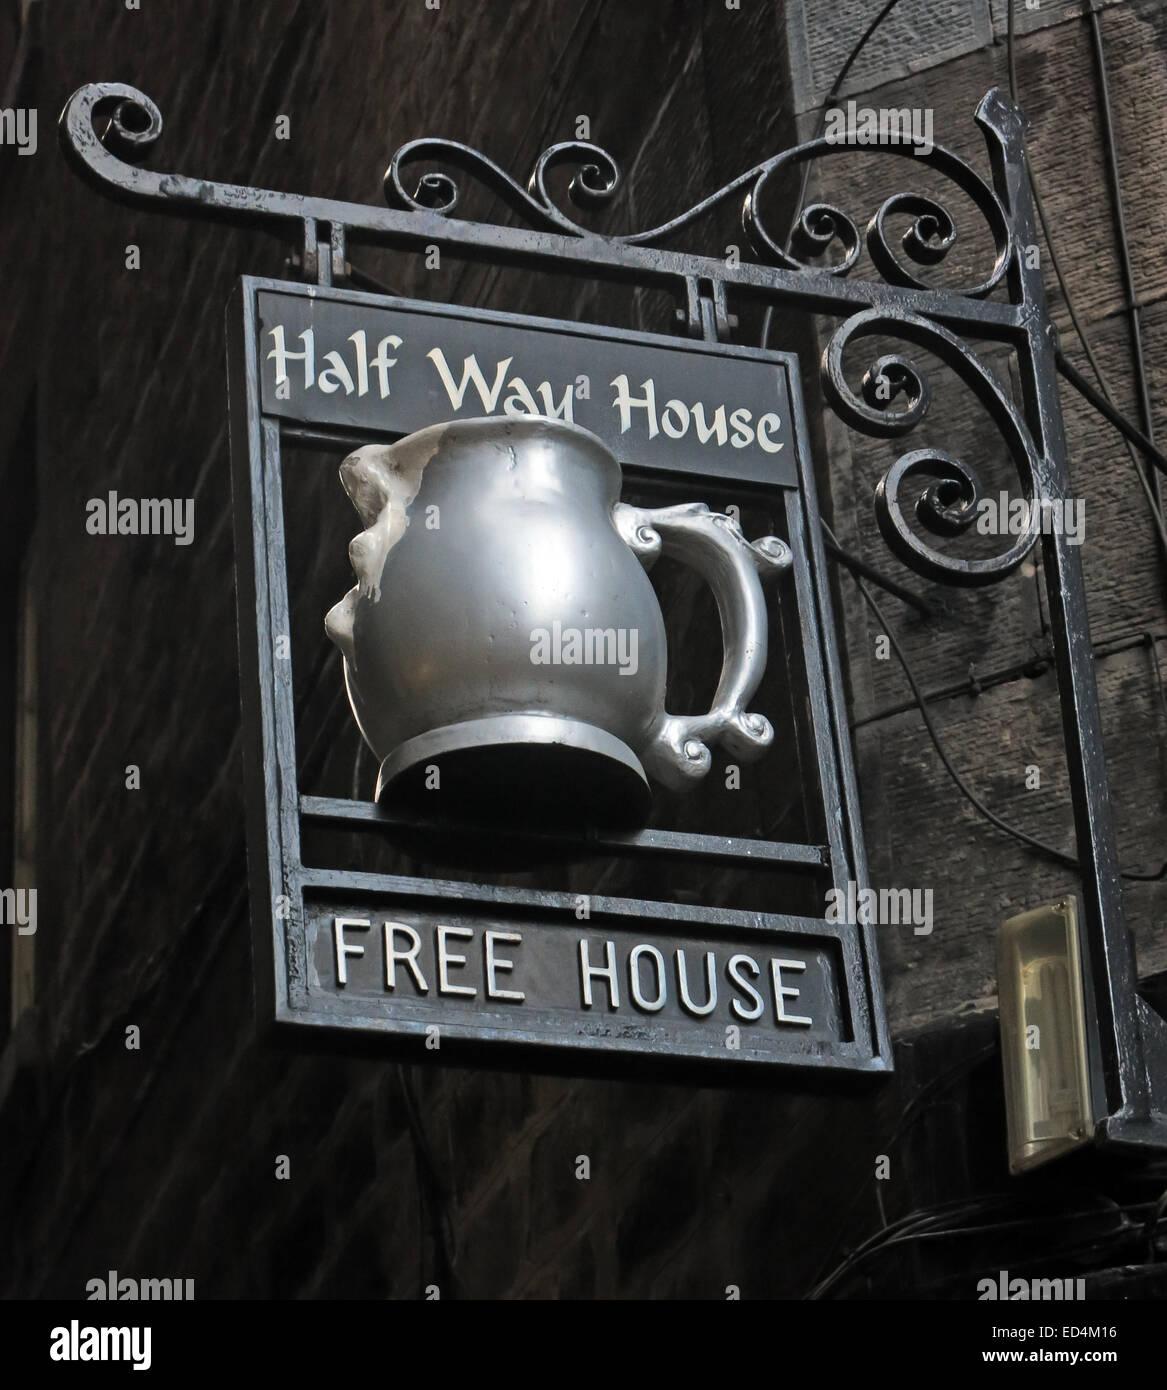 Laden Sie dieses Alamy Stockfoto Halfway House Pub, Fleshmarket enge, Stadt von Edinburgh, Schottland, UK Detail des Zeichens - ED4M16